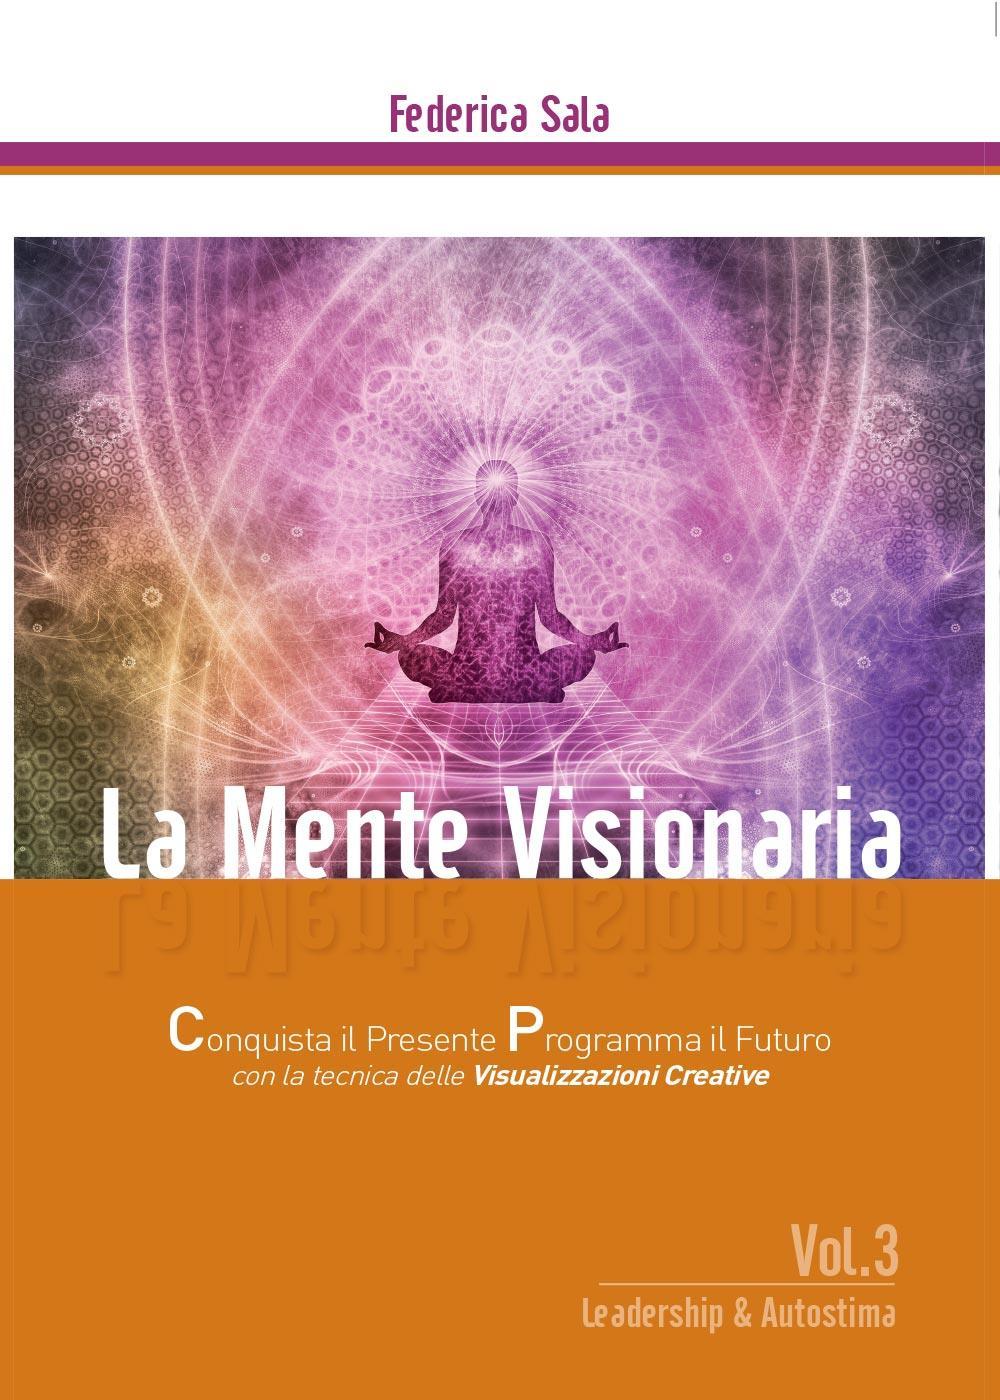 La Mente Visionaria  Vol.3 Leadership & Autostima